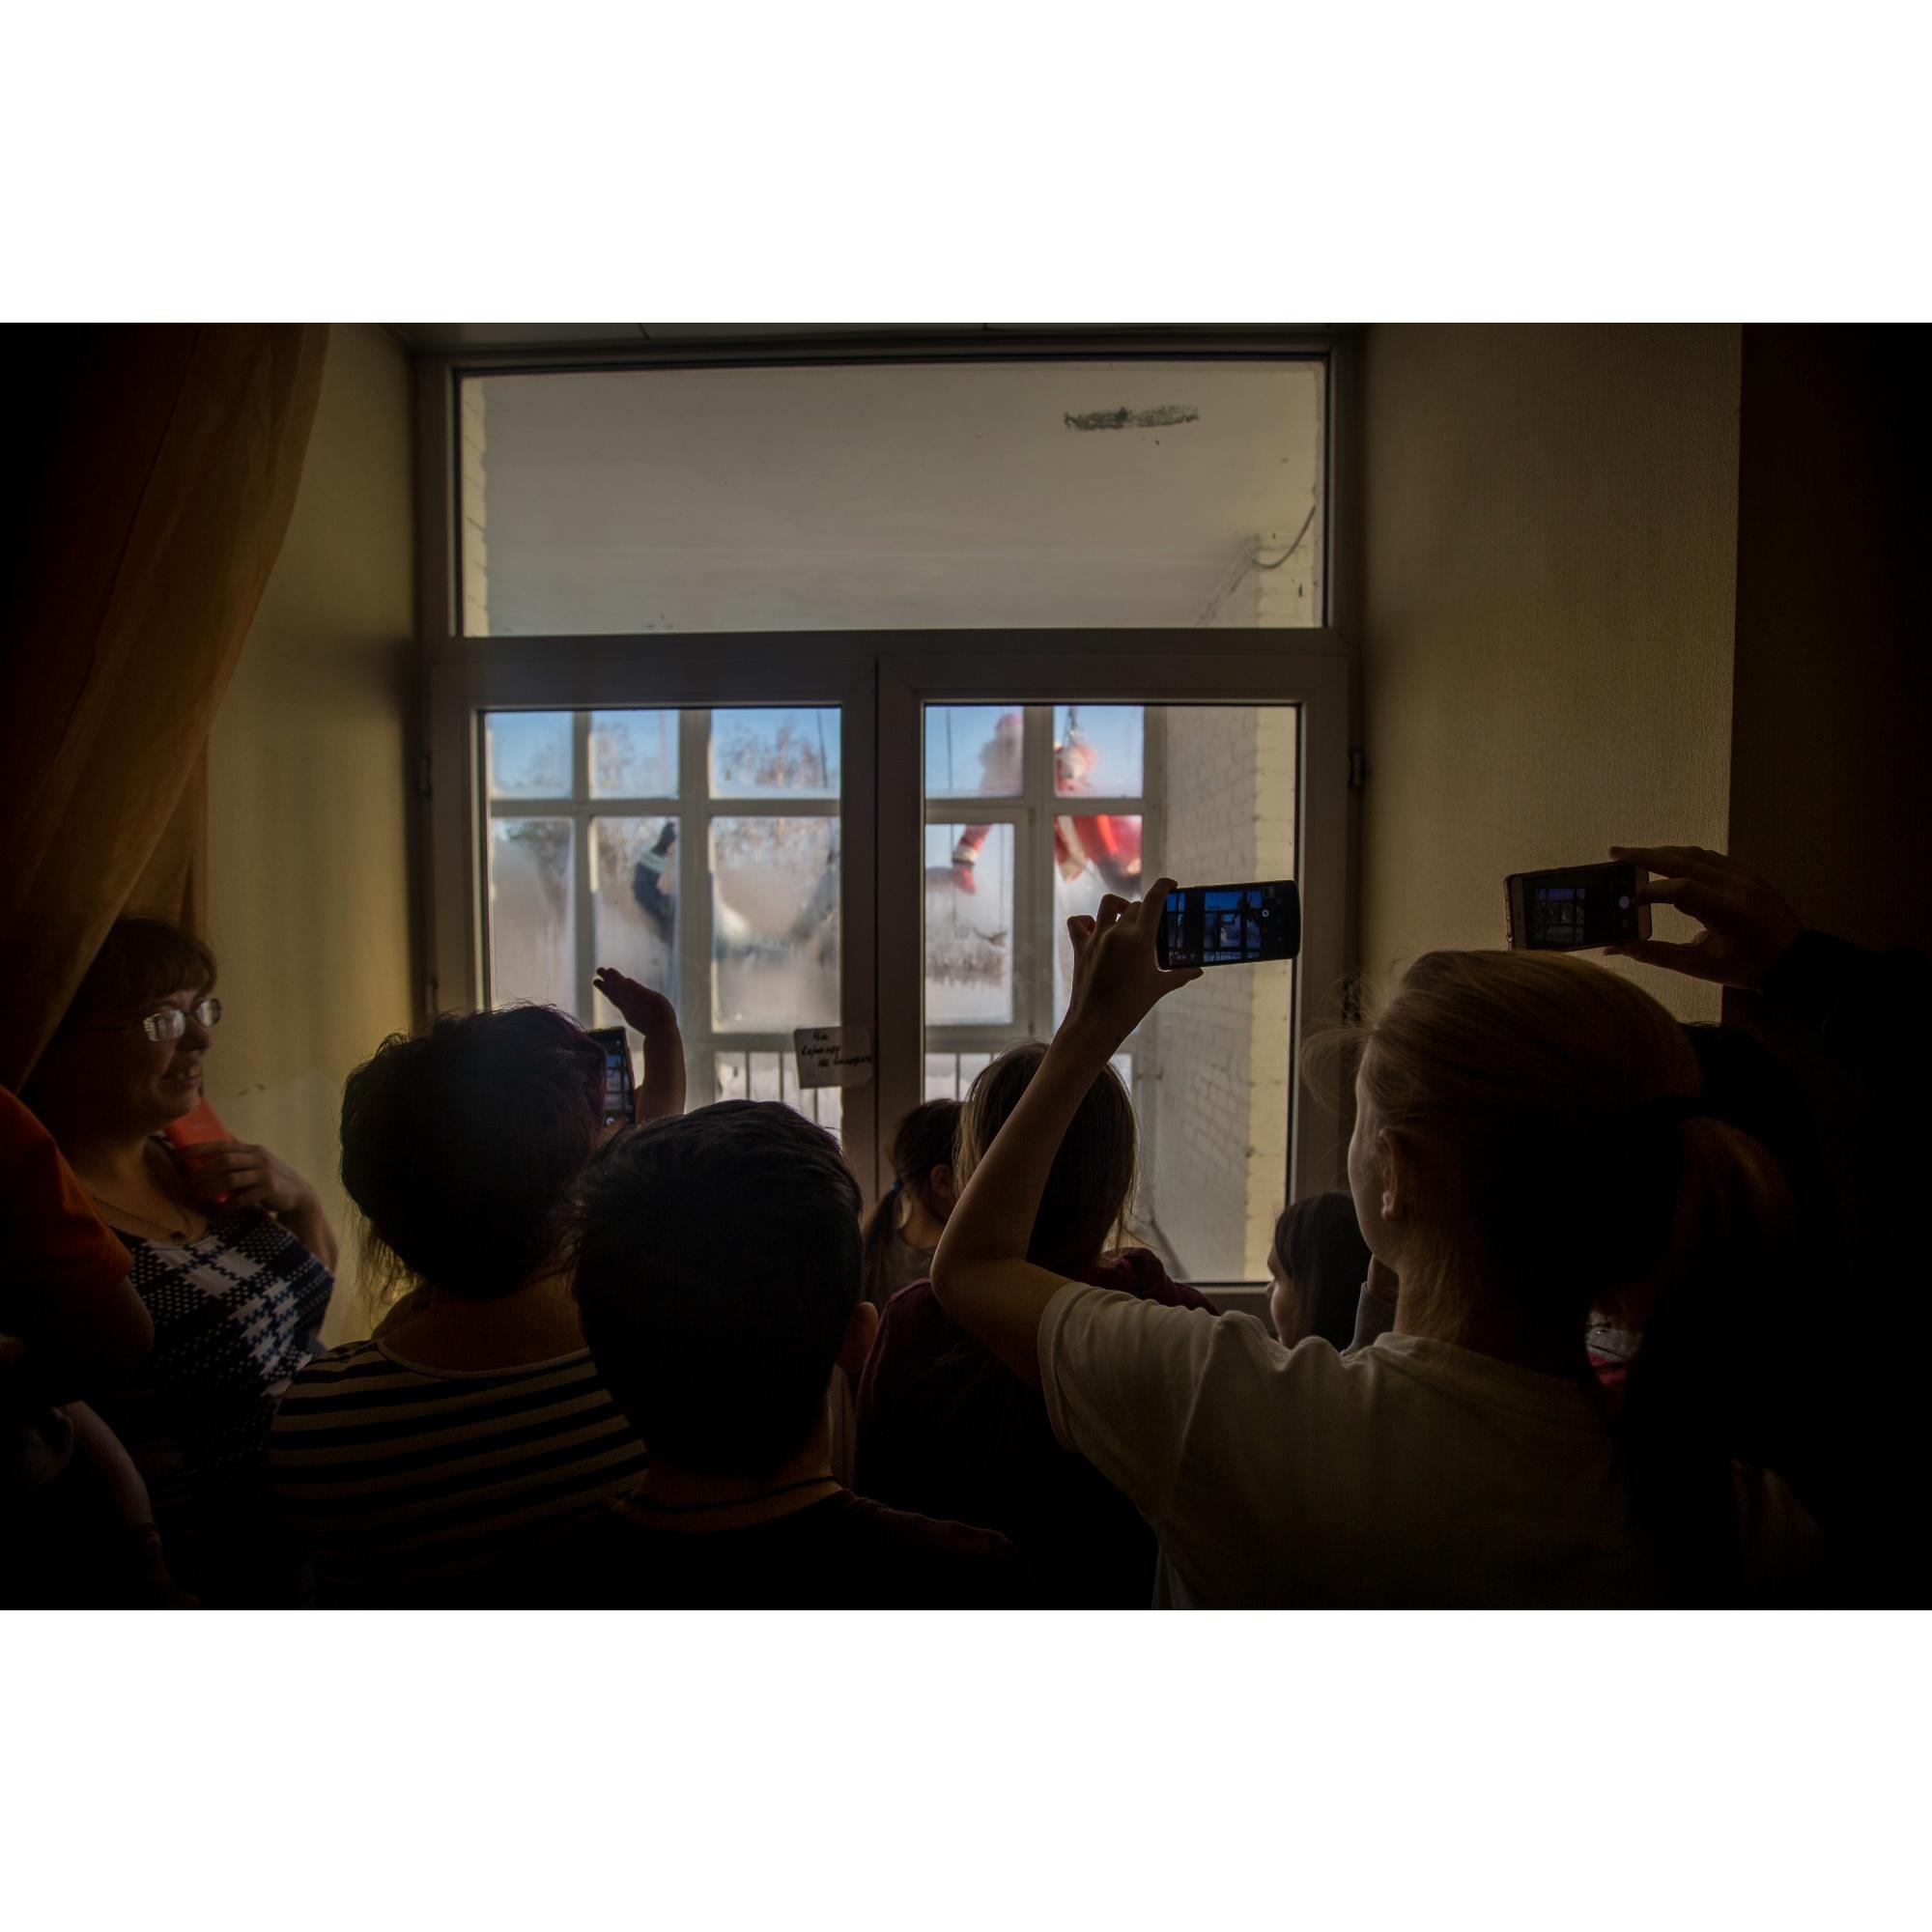 Детей не пустили на балкон из-за мороза, поэтому они обступили окно внутри отделения